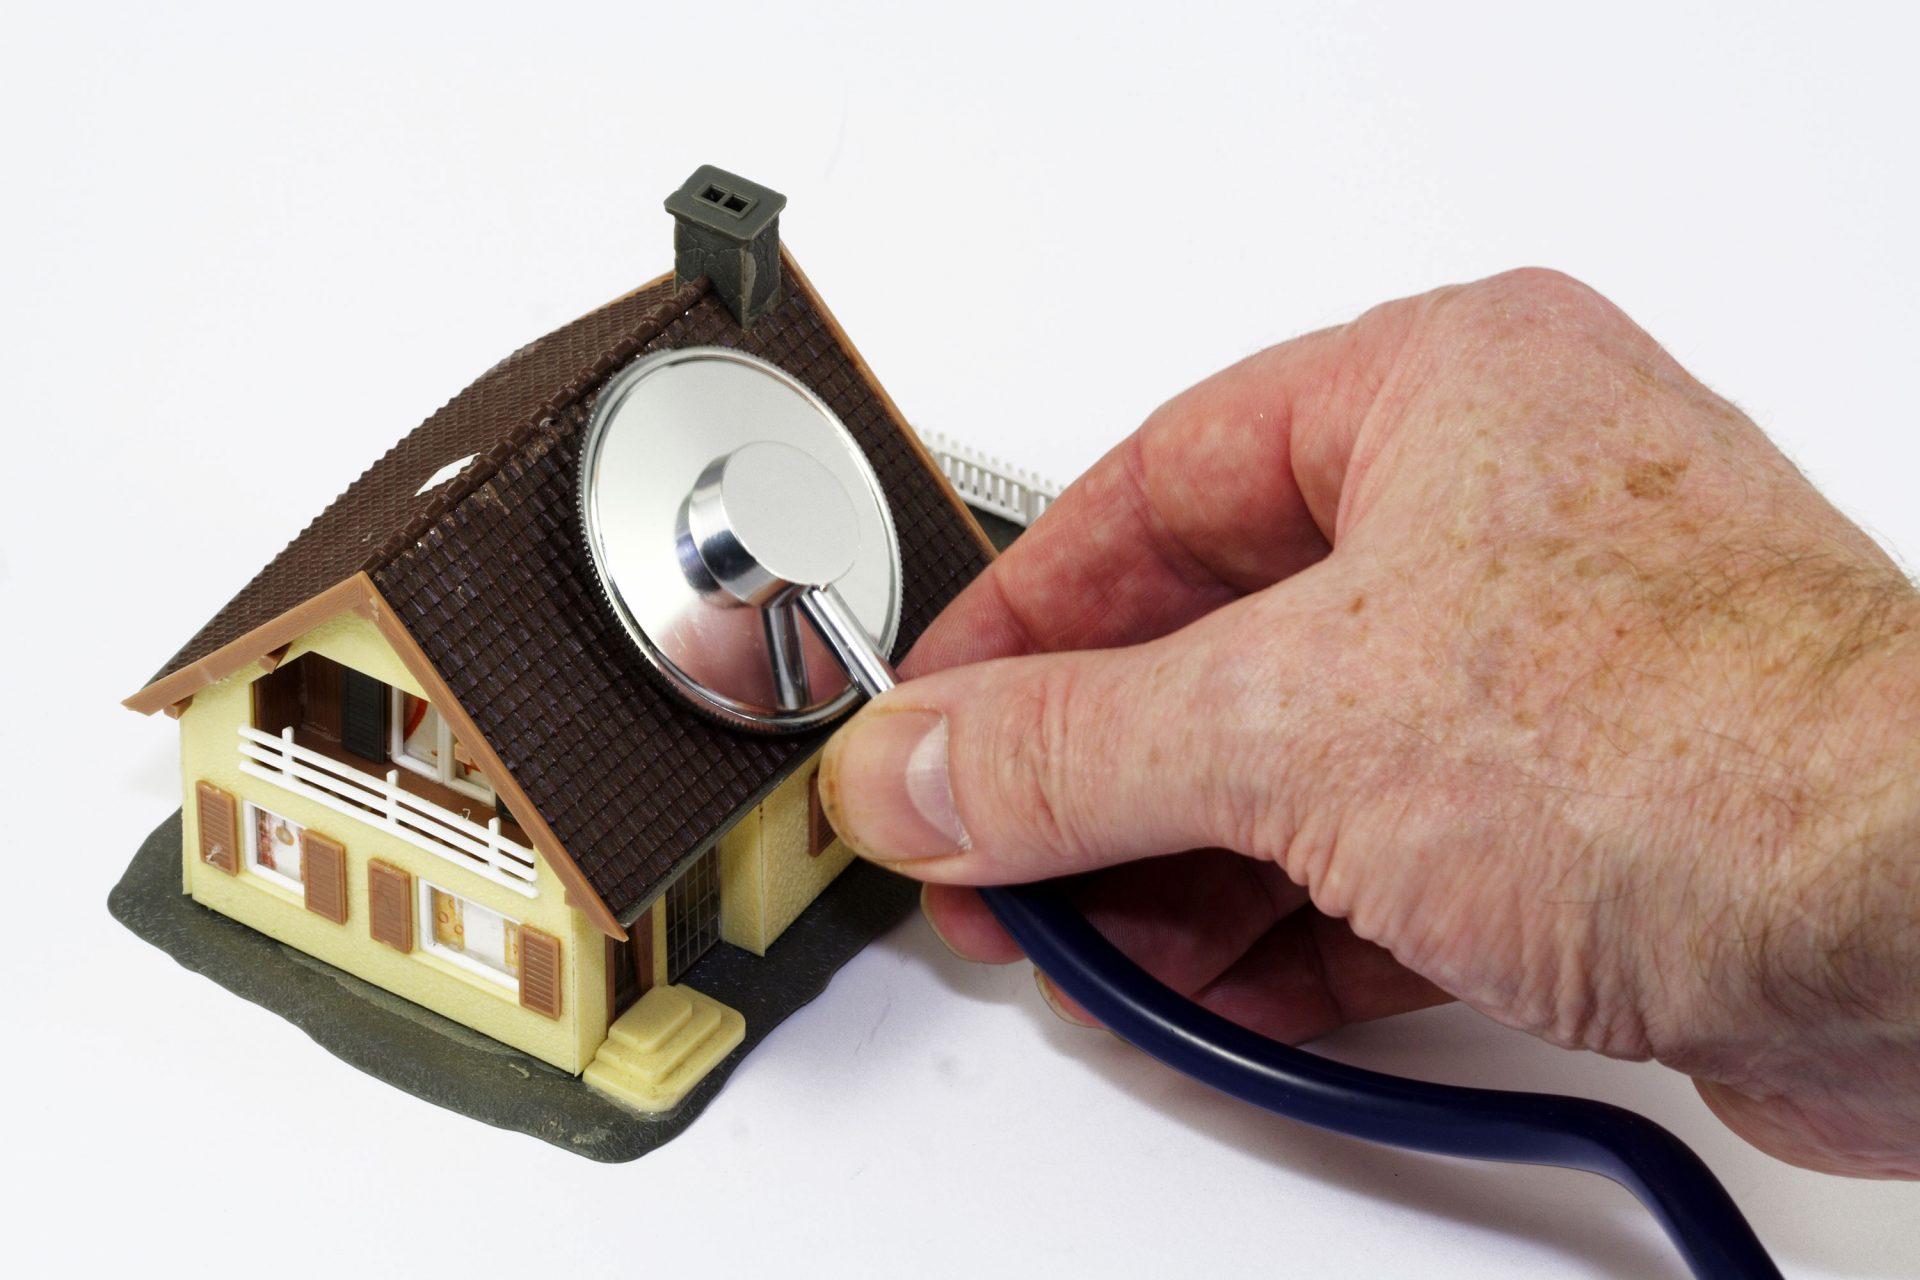 Diagnostics immobiliers à Houilles, Franconville et Sartrouville